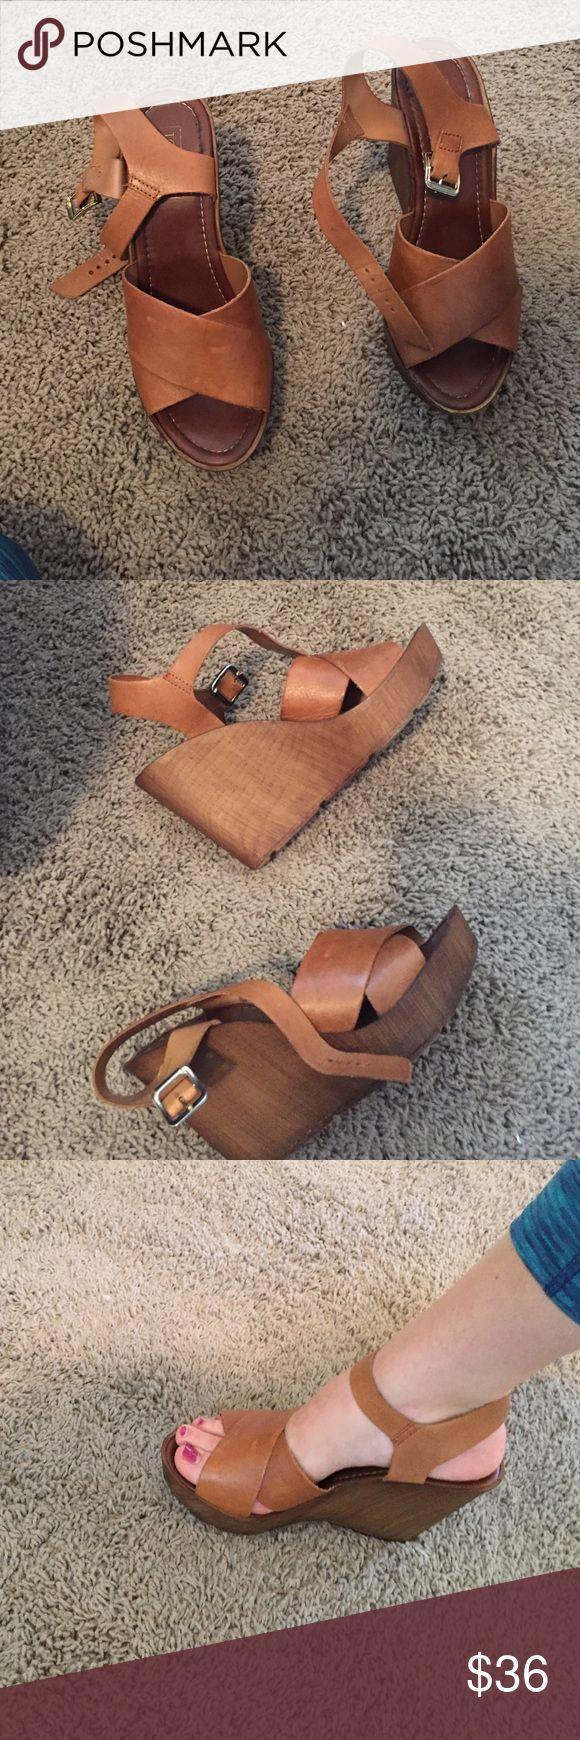 Brown wedges Brown wedges Topshop Shoes Wedges